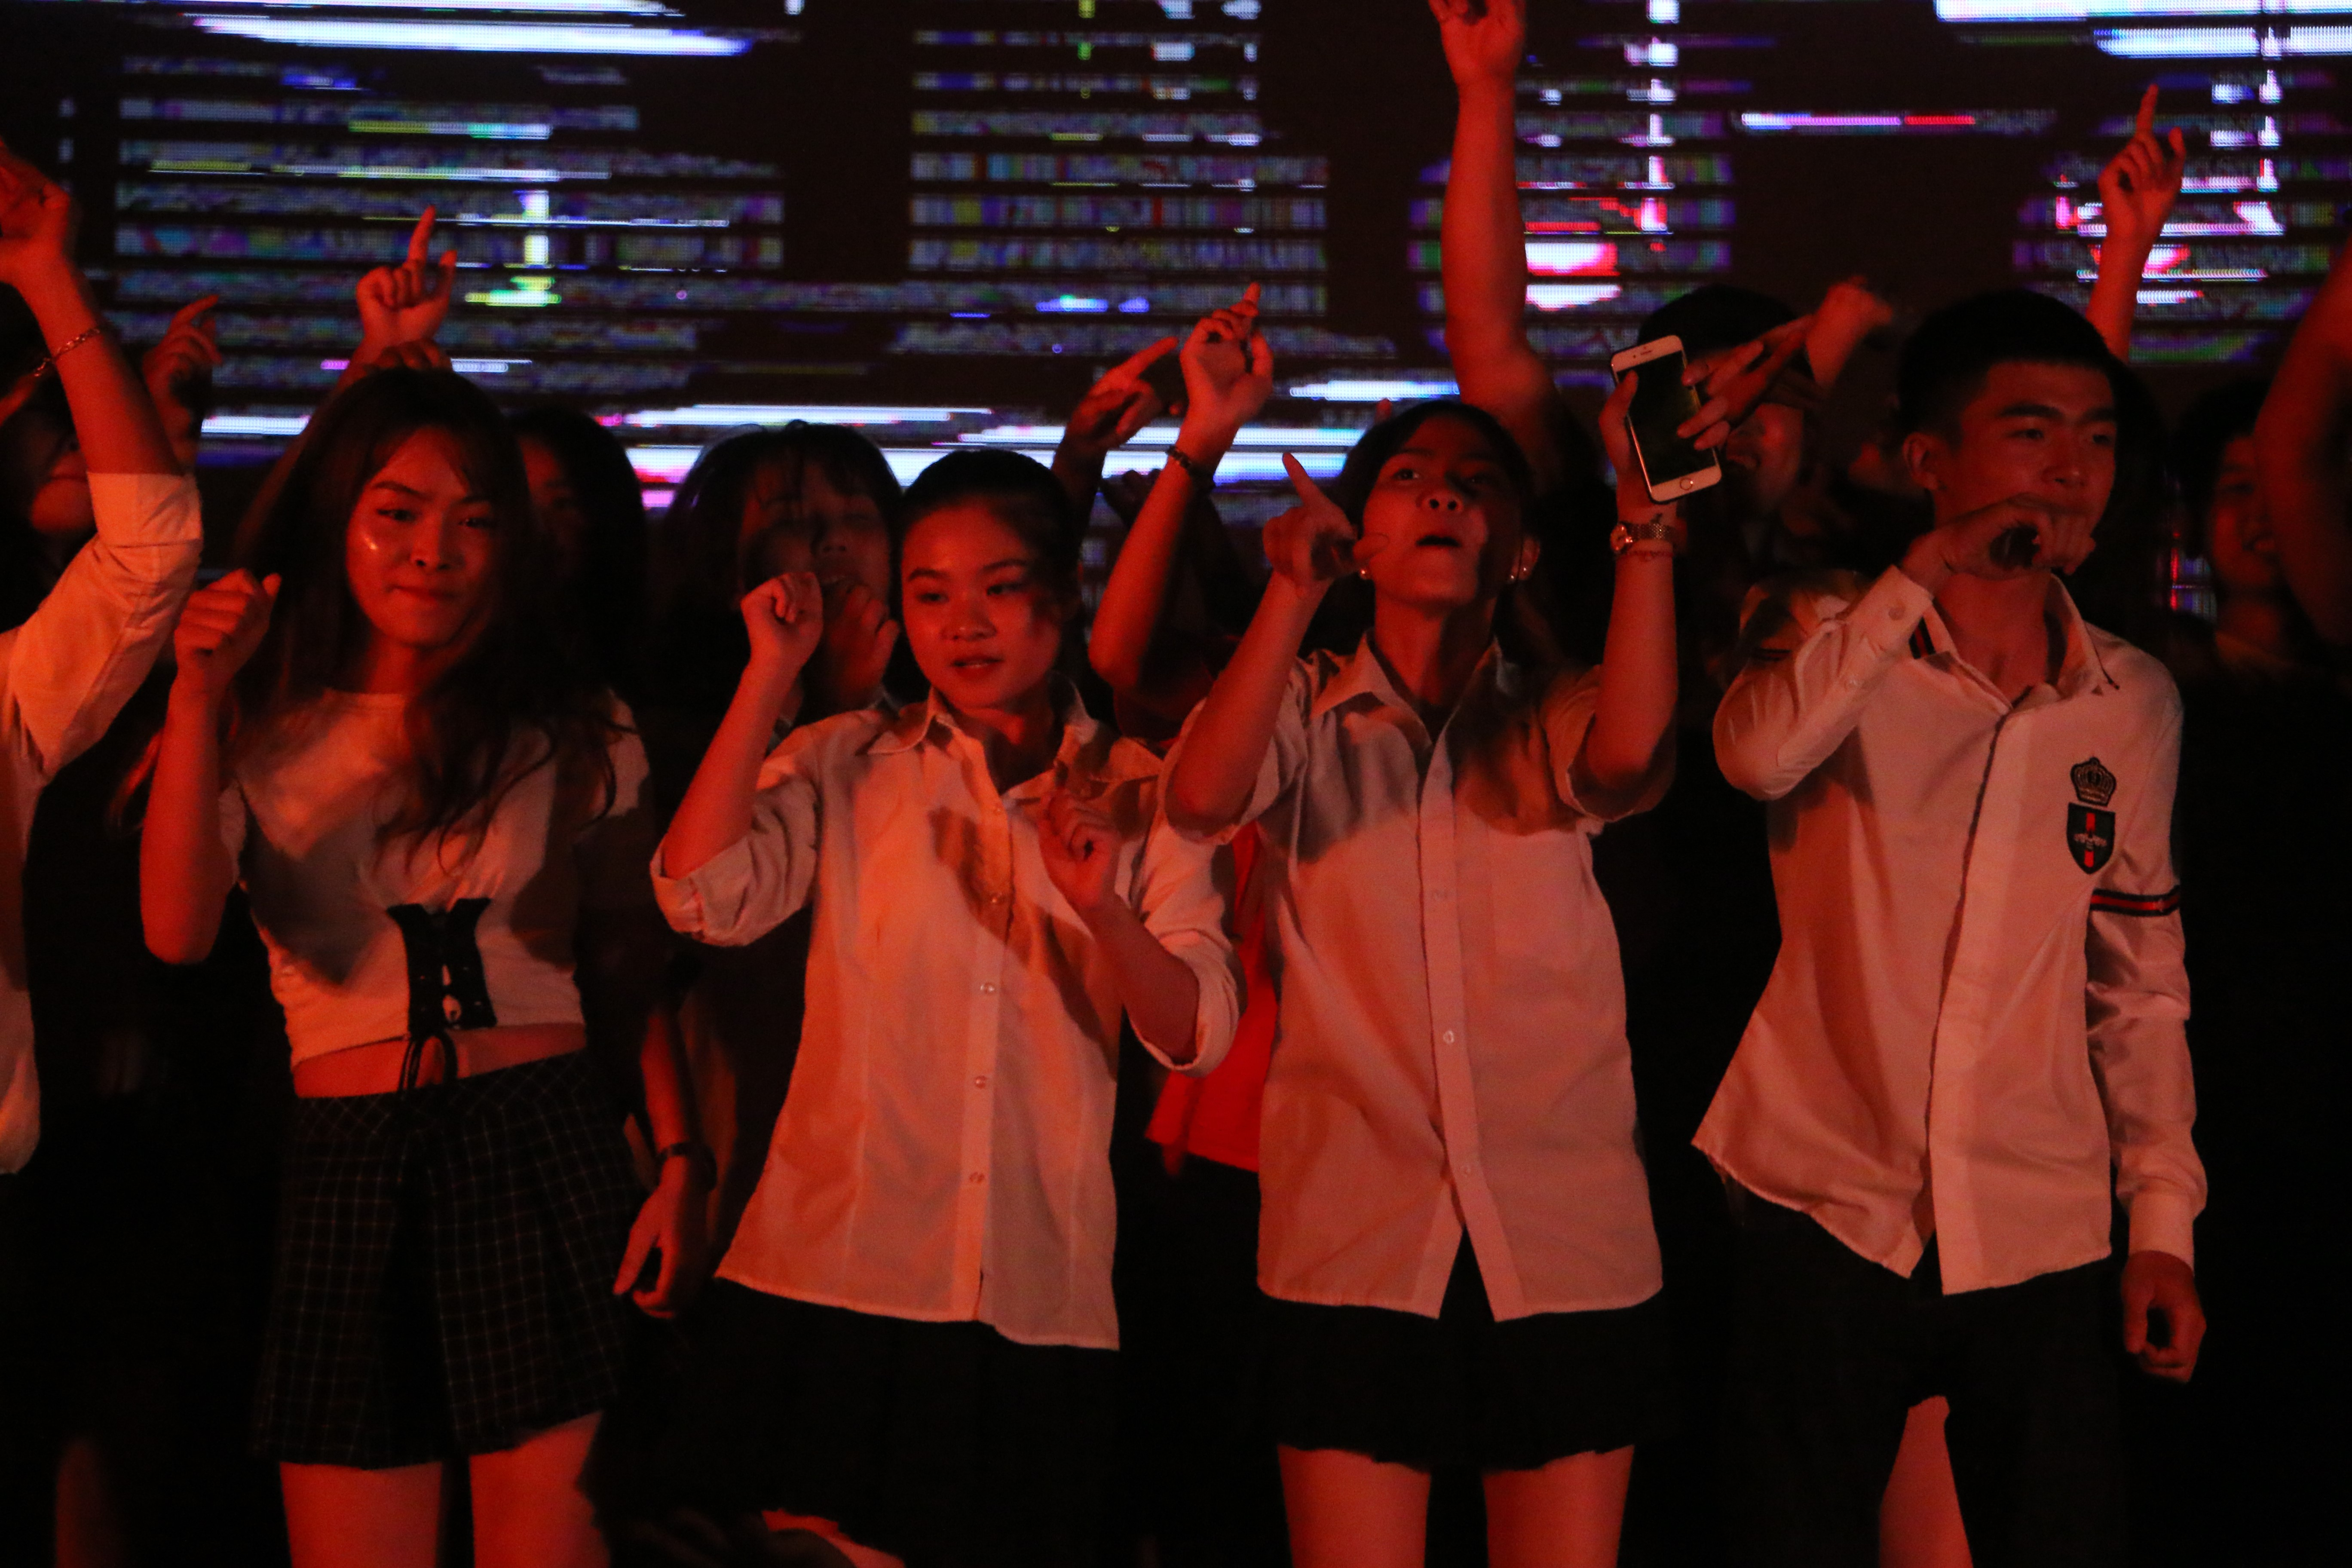 Sinh viên Đại Nam cháy hết mình trong bữa tiệc âm nhạc cùng ca sĩ Min - Ảnh 1.